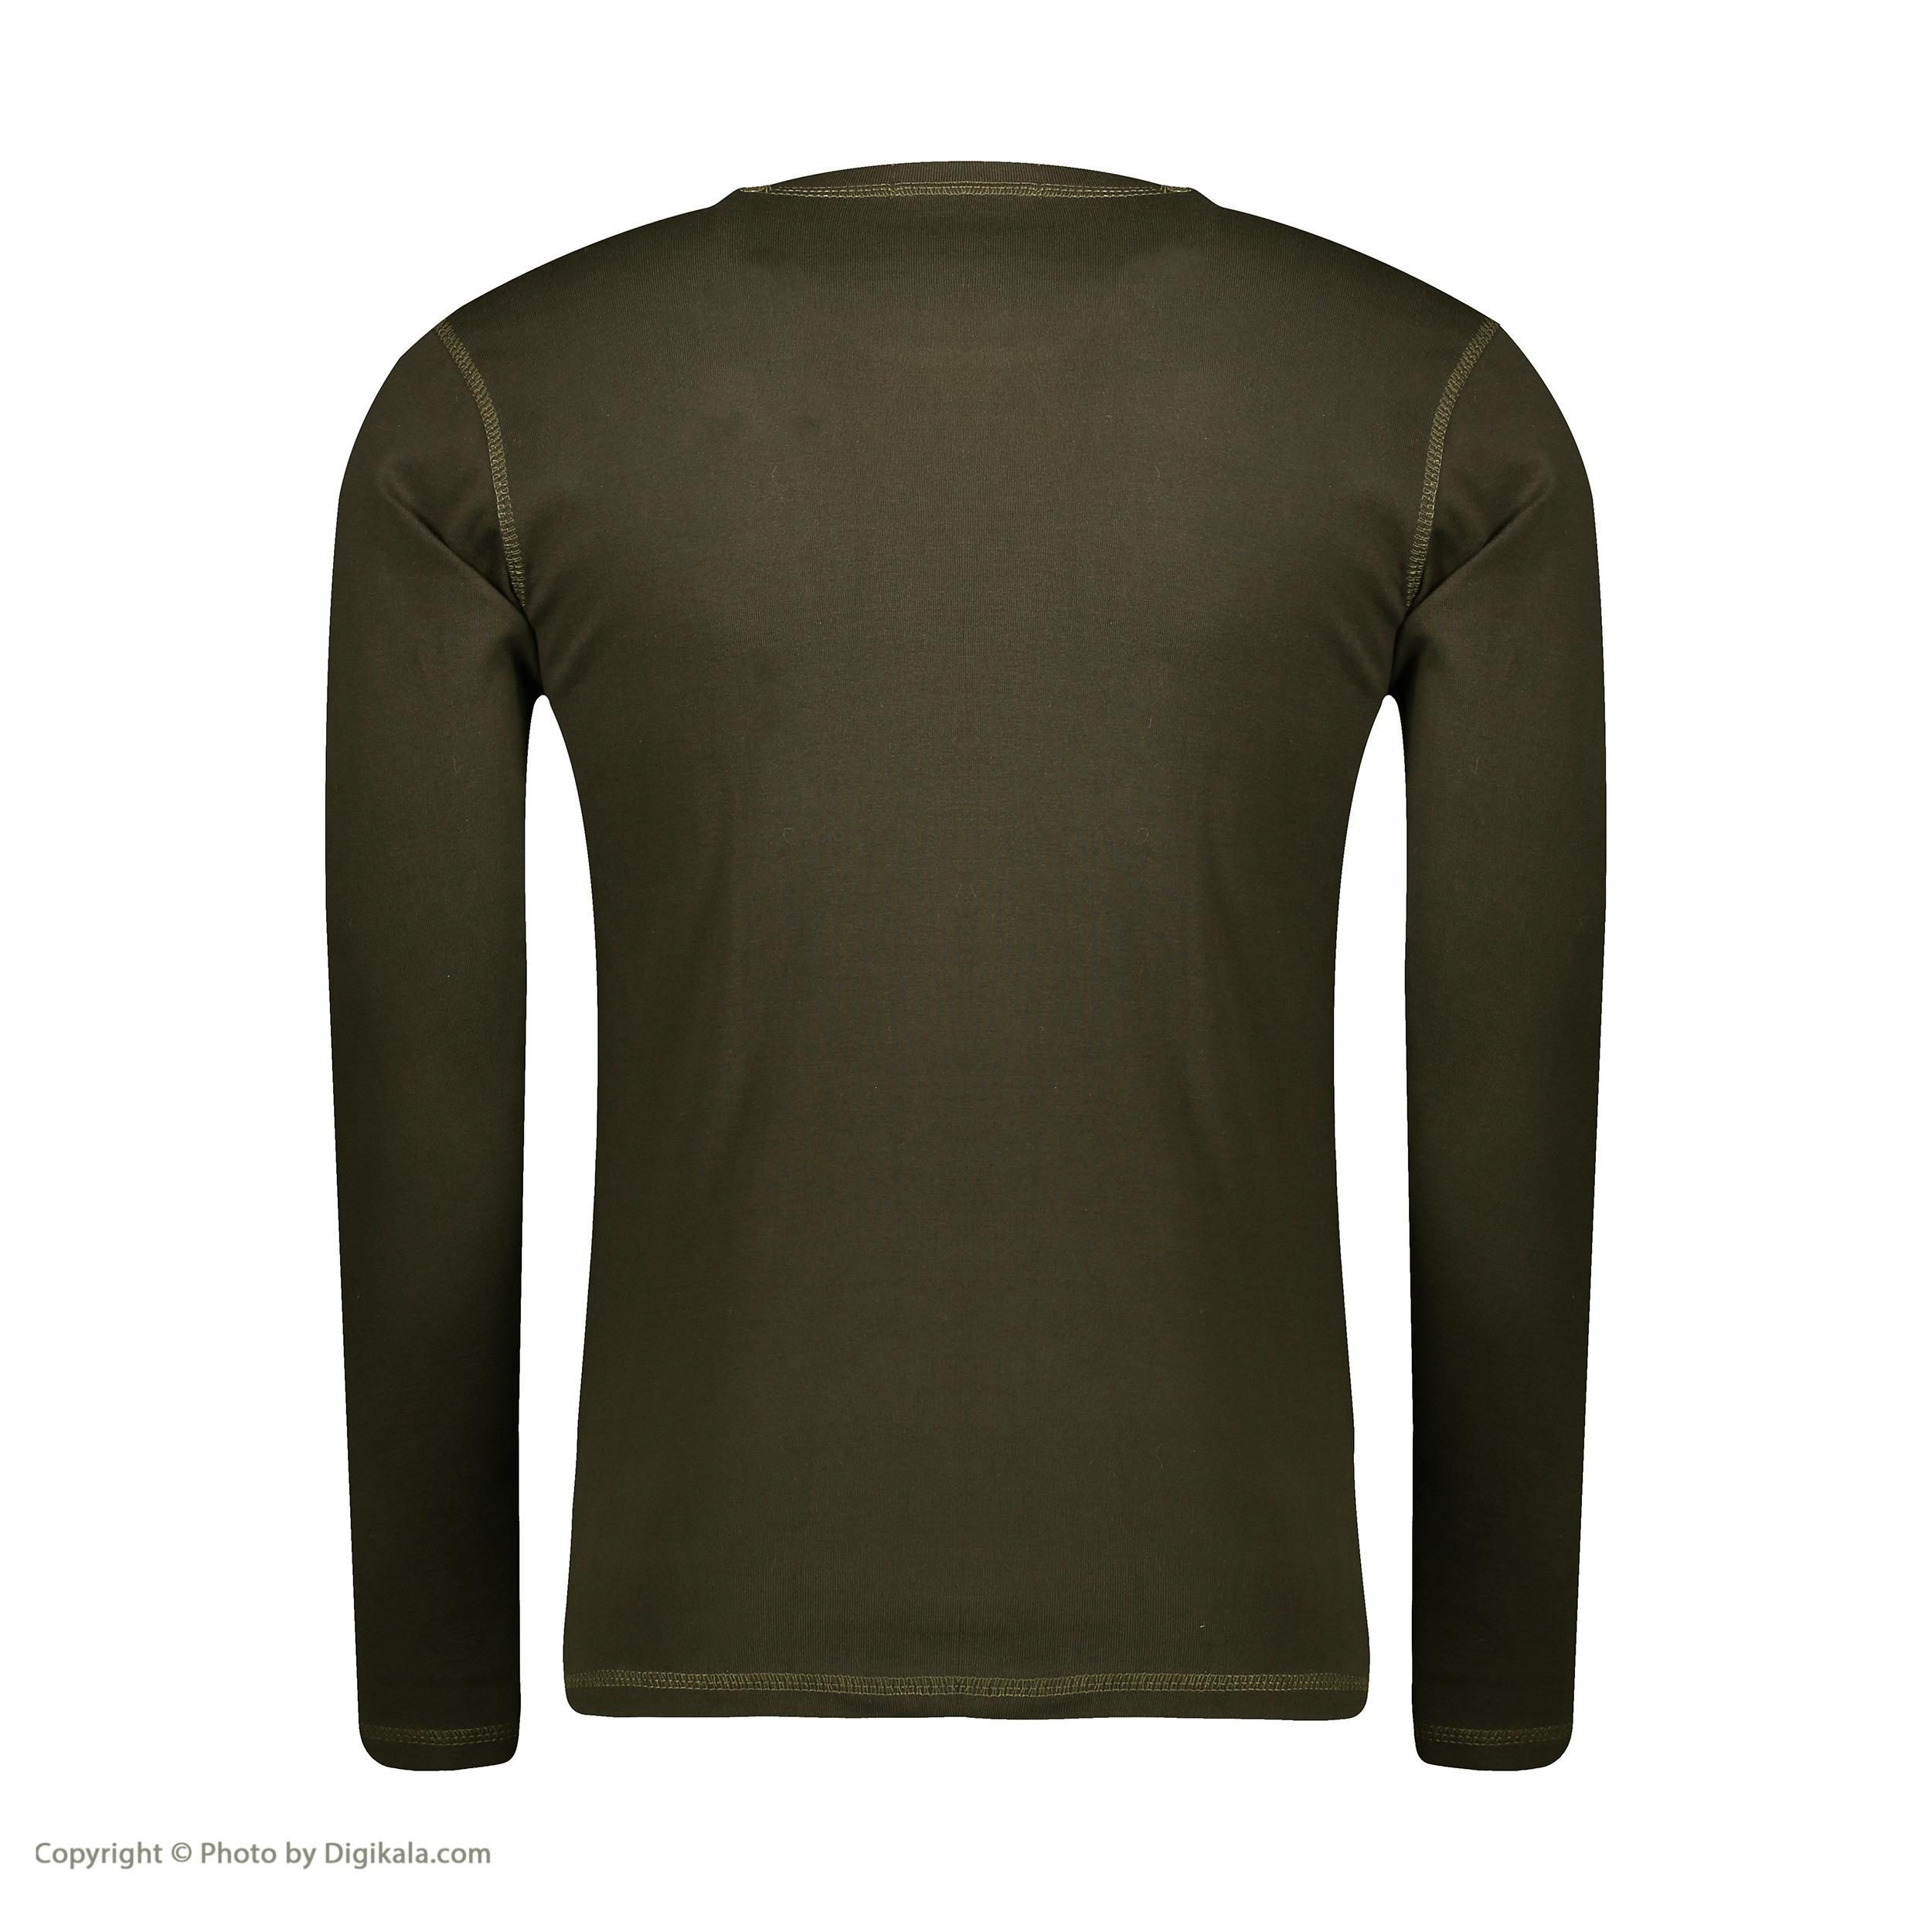 تیشرت آستین بلند مردانه پاتیلوک طرح رئال مادرید کد 330571 main 1 3